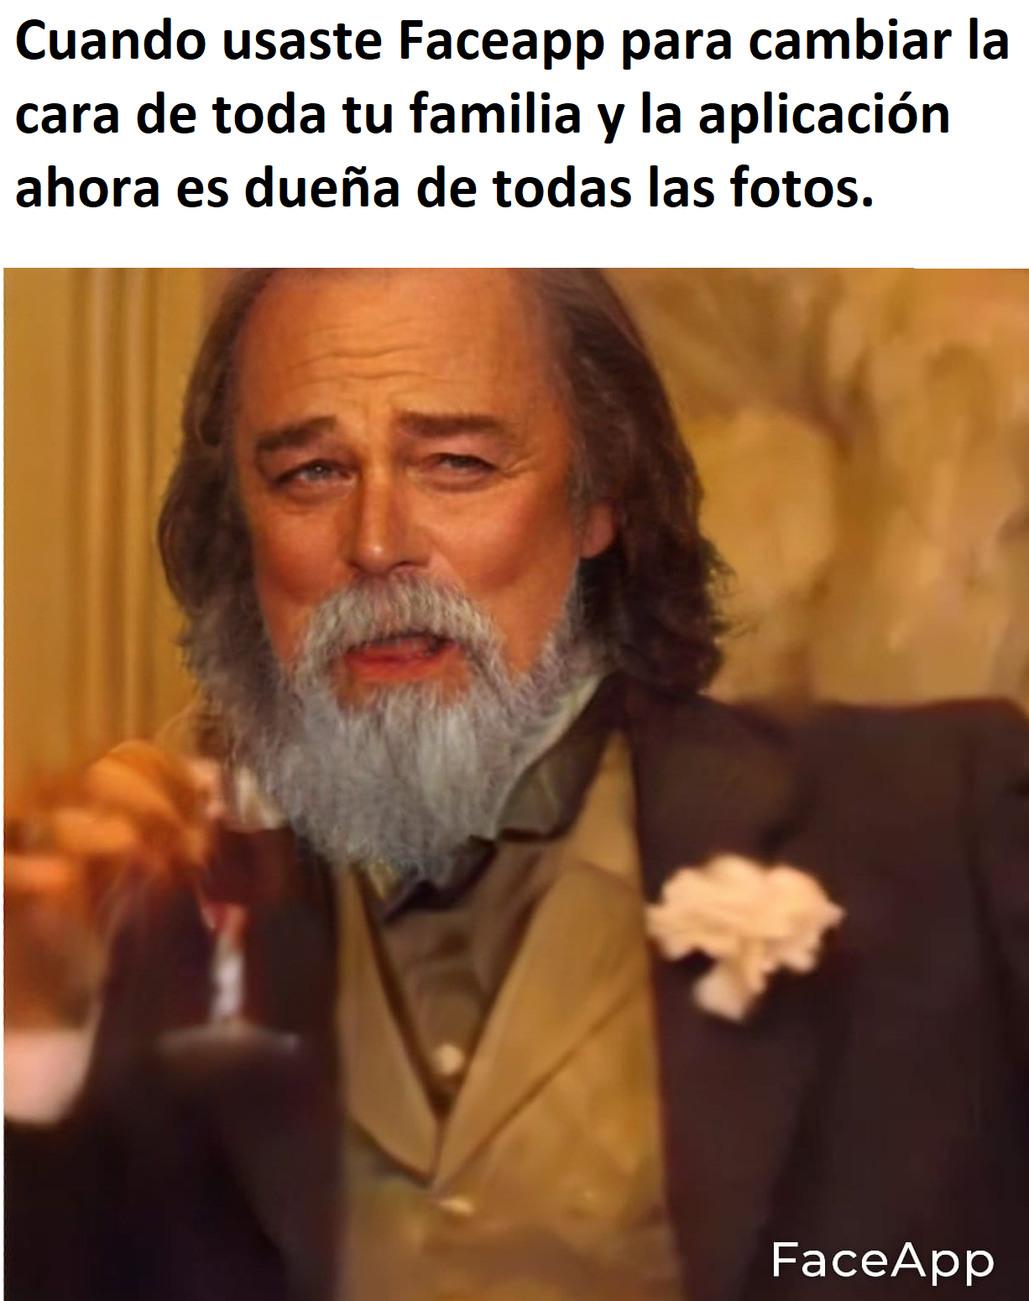 Faceapp - meme